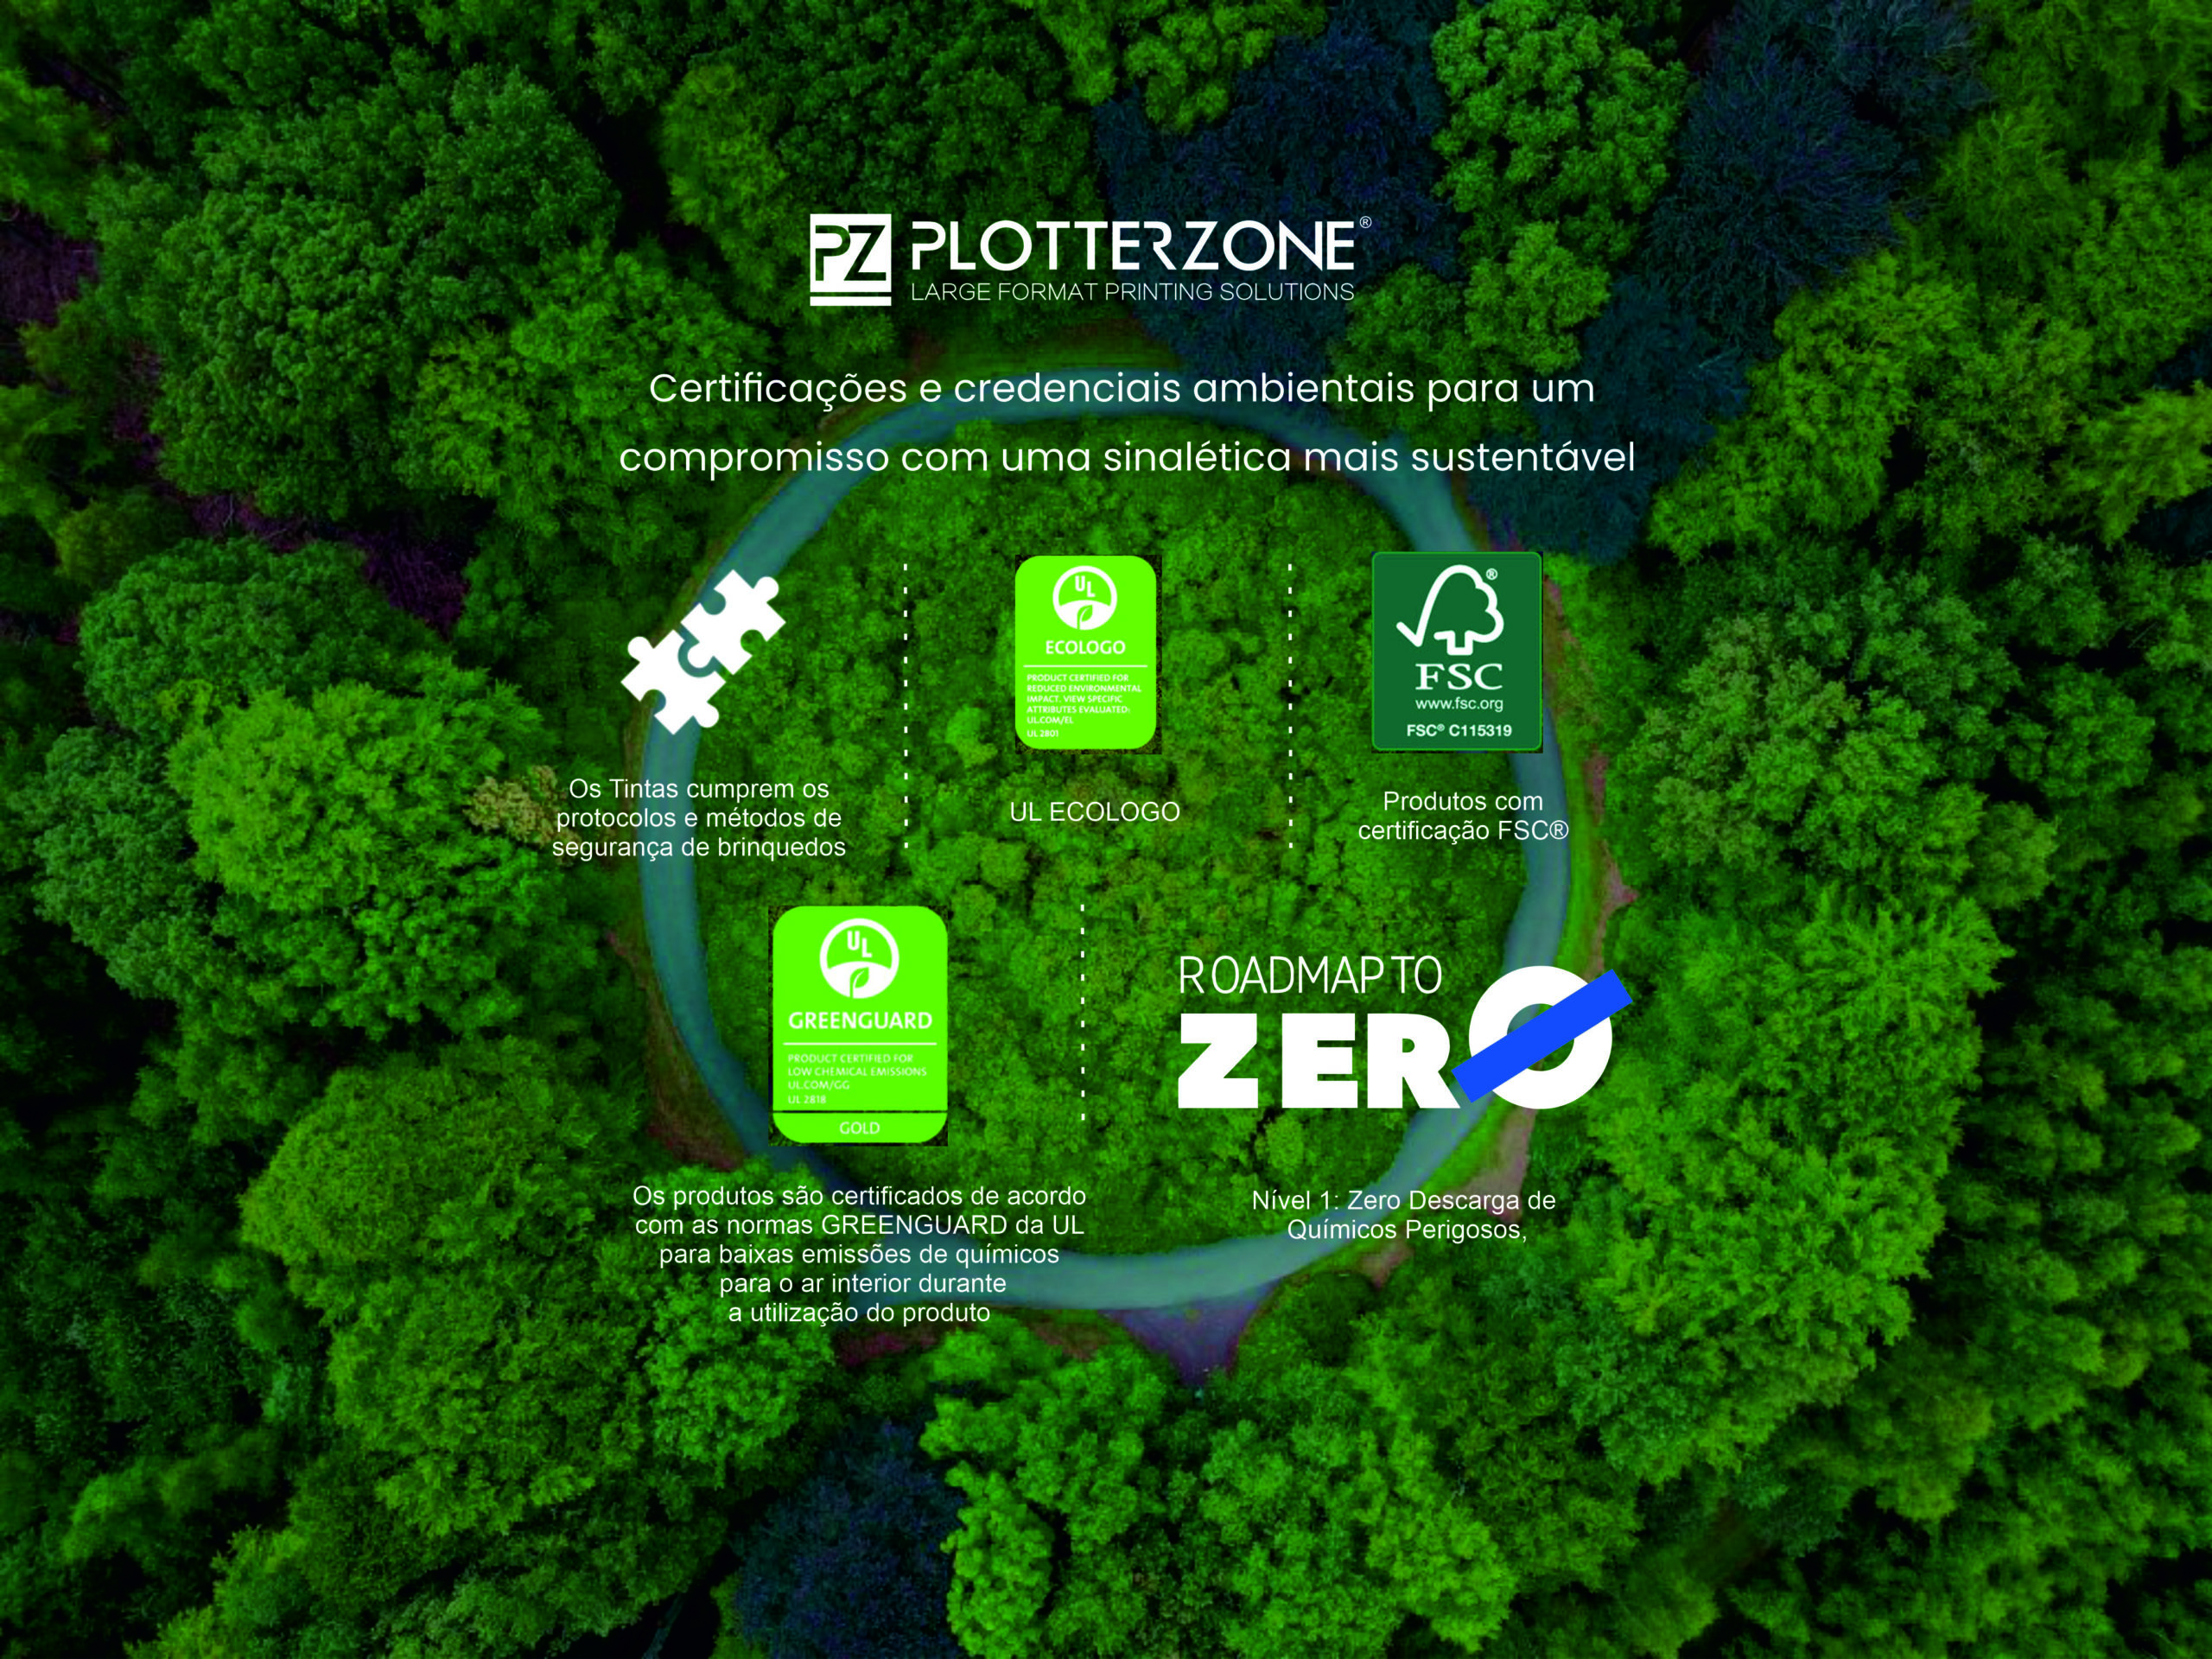 HP Látex Série 700 & 800, impressoras líderes na sustentabilidade